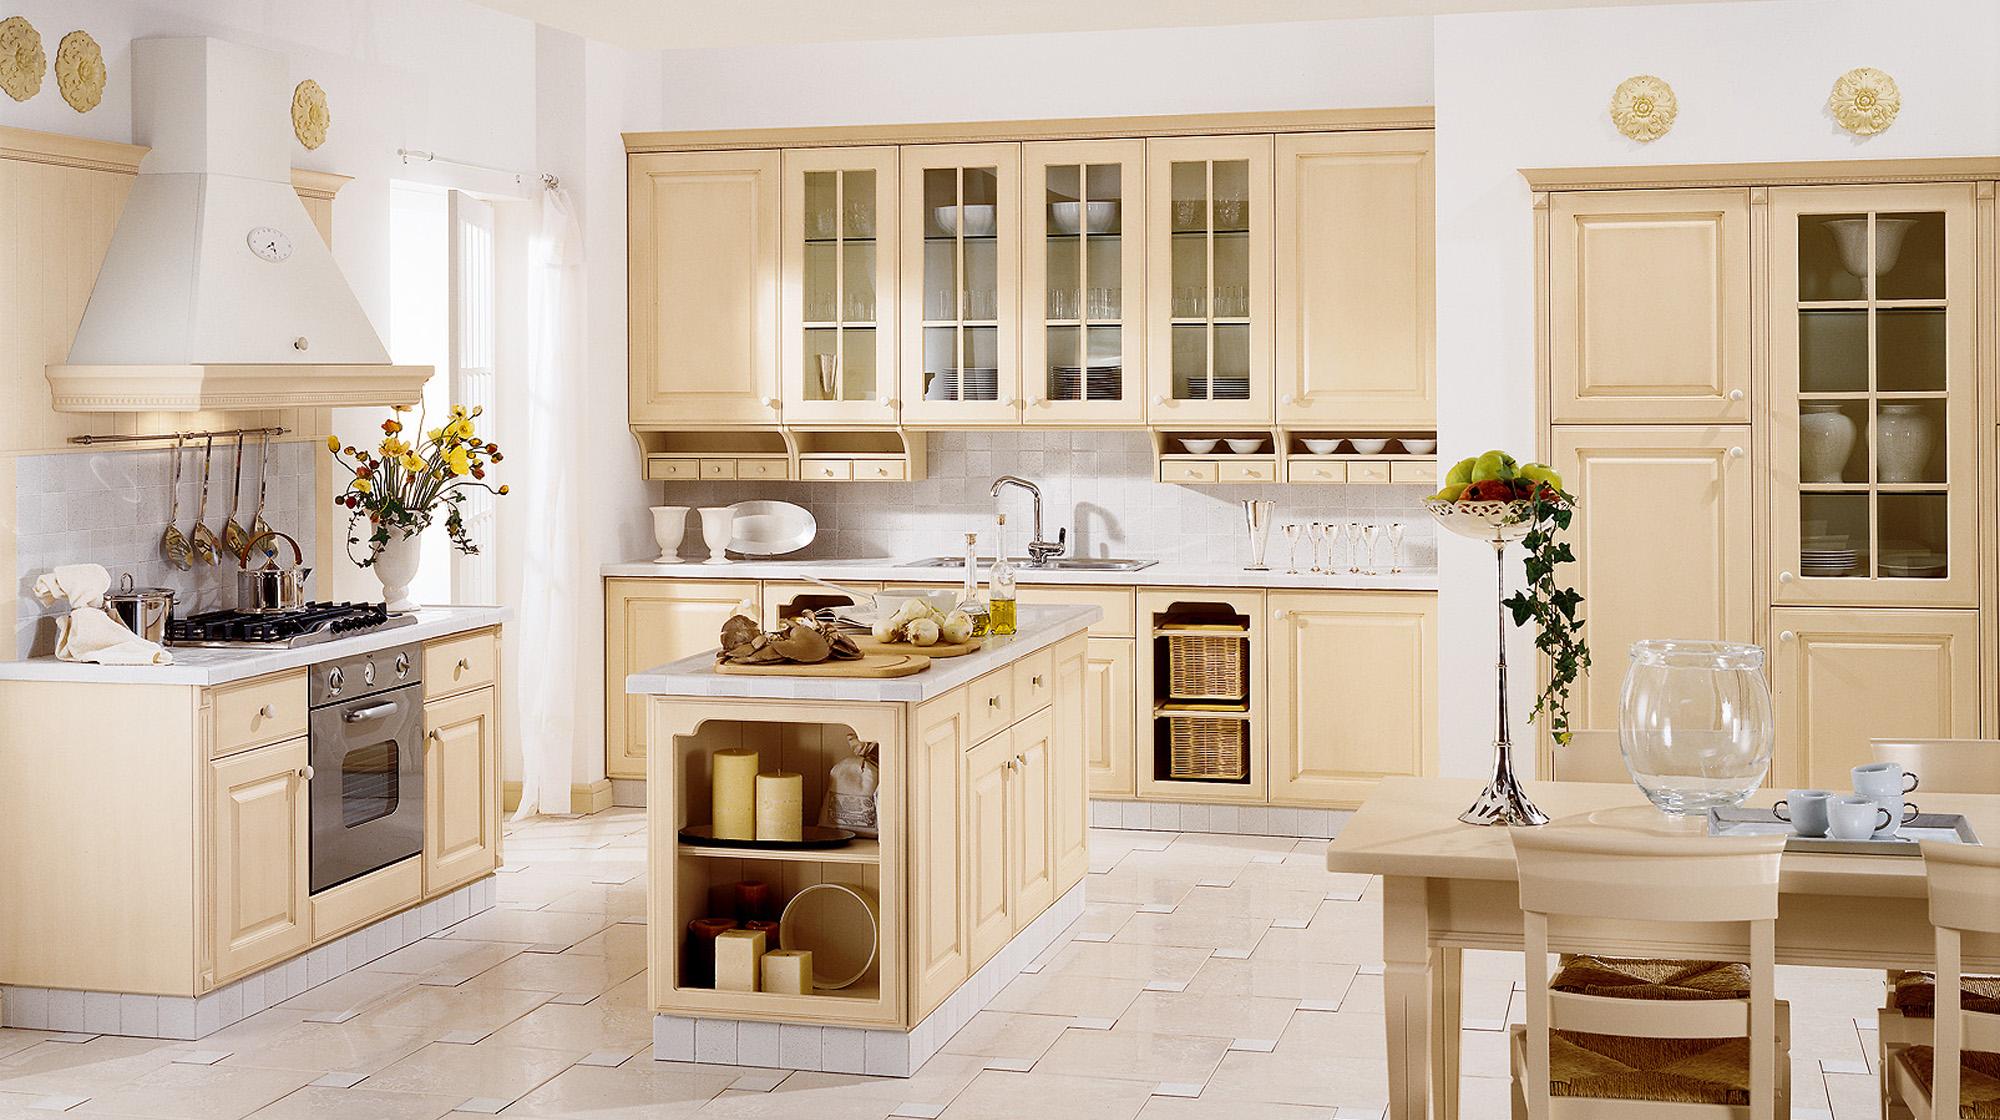 Бежевый гарнитур на кухне в стиле кантри